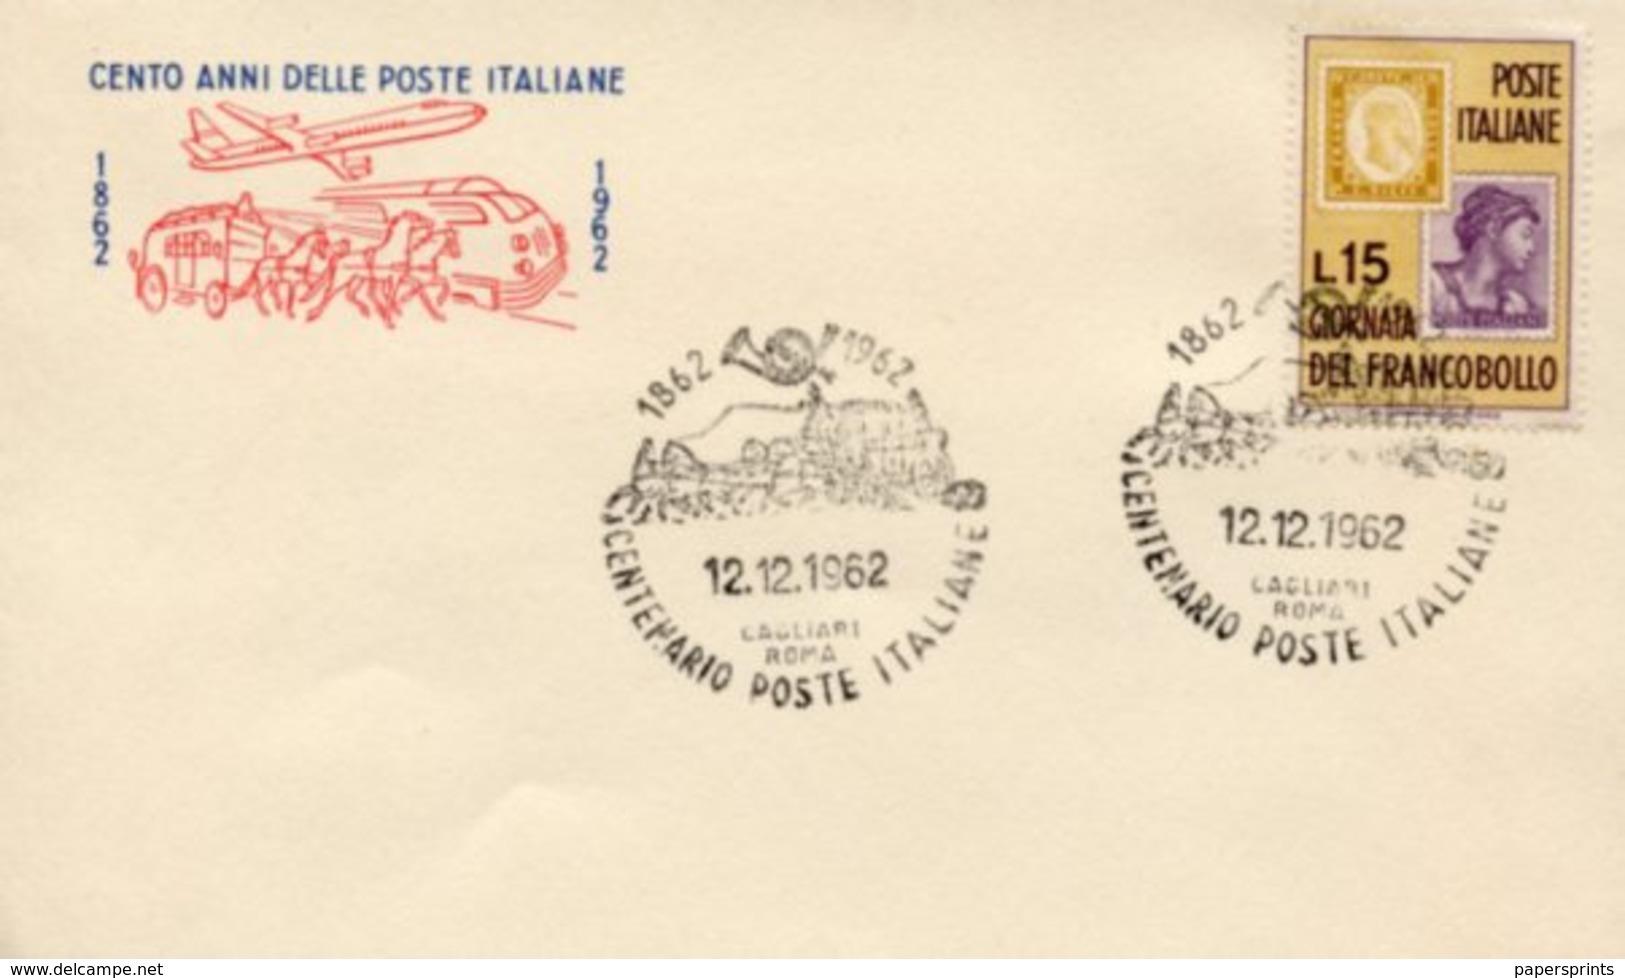 Busta 100 ANNI DELLE POSTE ITALIANE, Francobollo 15 Lire, 12/12/1962, Bollo CAGLIARI ROMA - PERFETTA AM-V-2 - 6. 1946-.. Repubblica